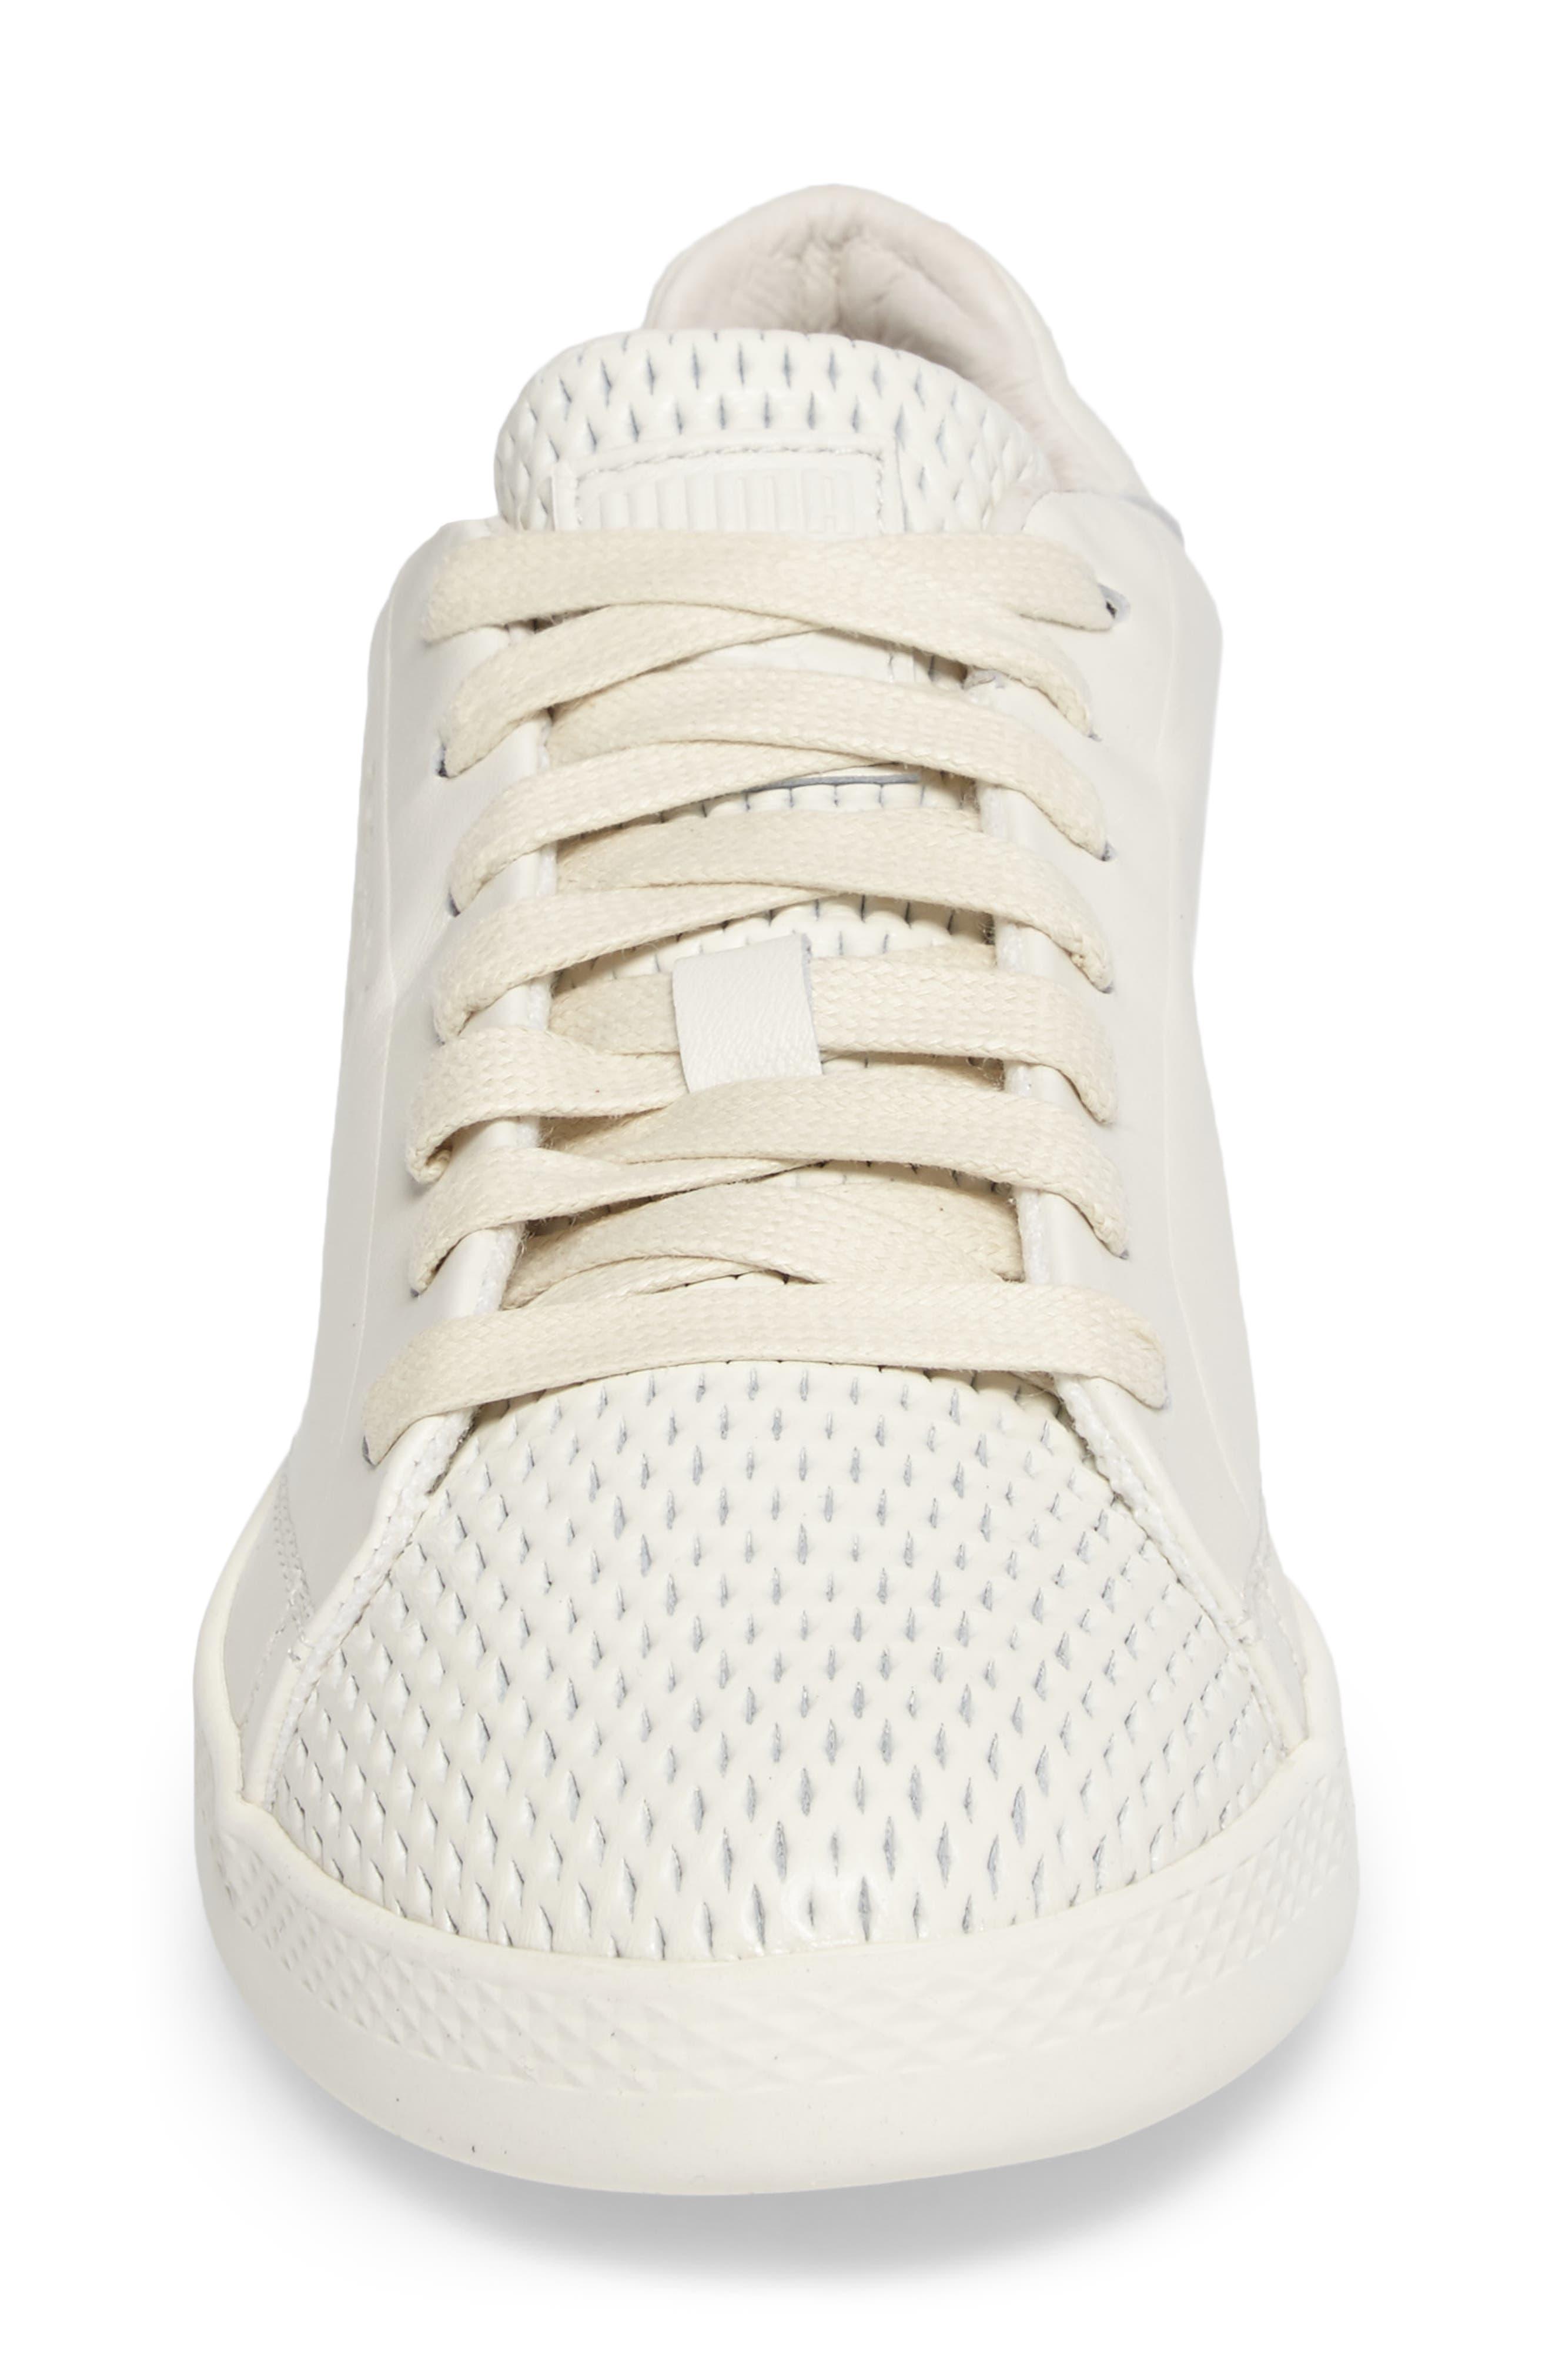 Match Lo Open Sneaker,                             Alternate thumbnail 4, color,                             Whisper White/ Whisper White